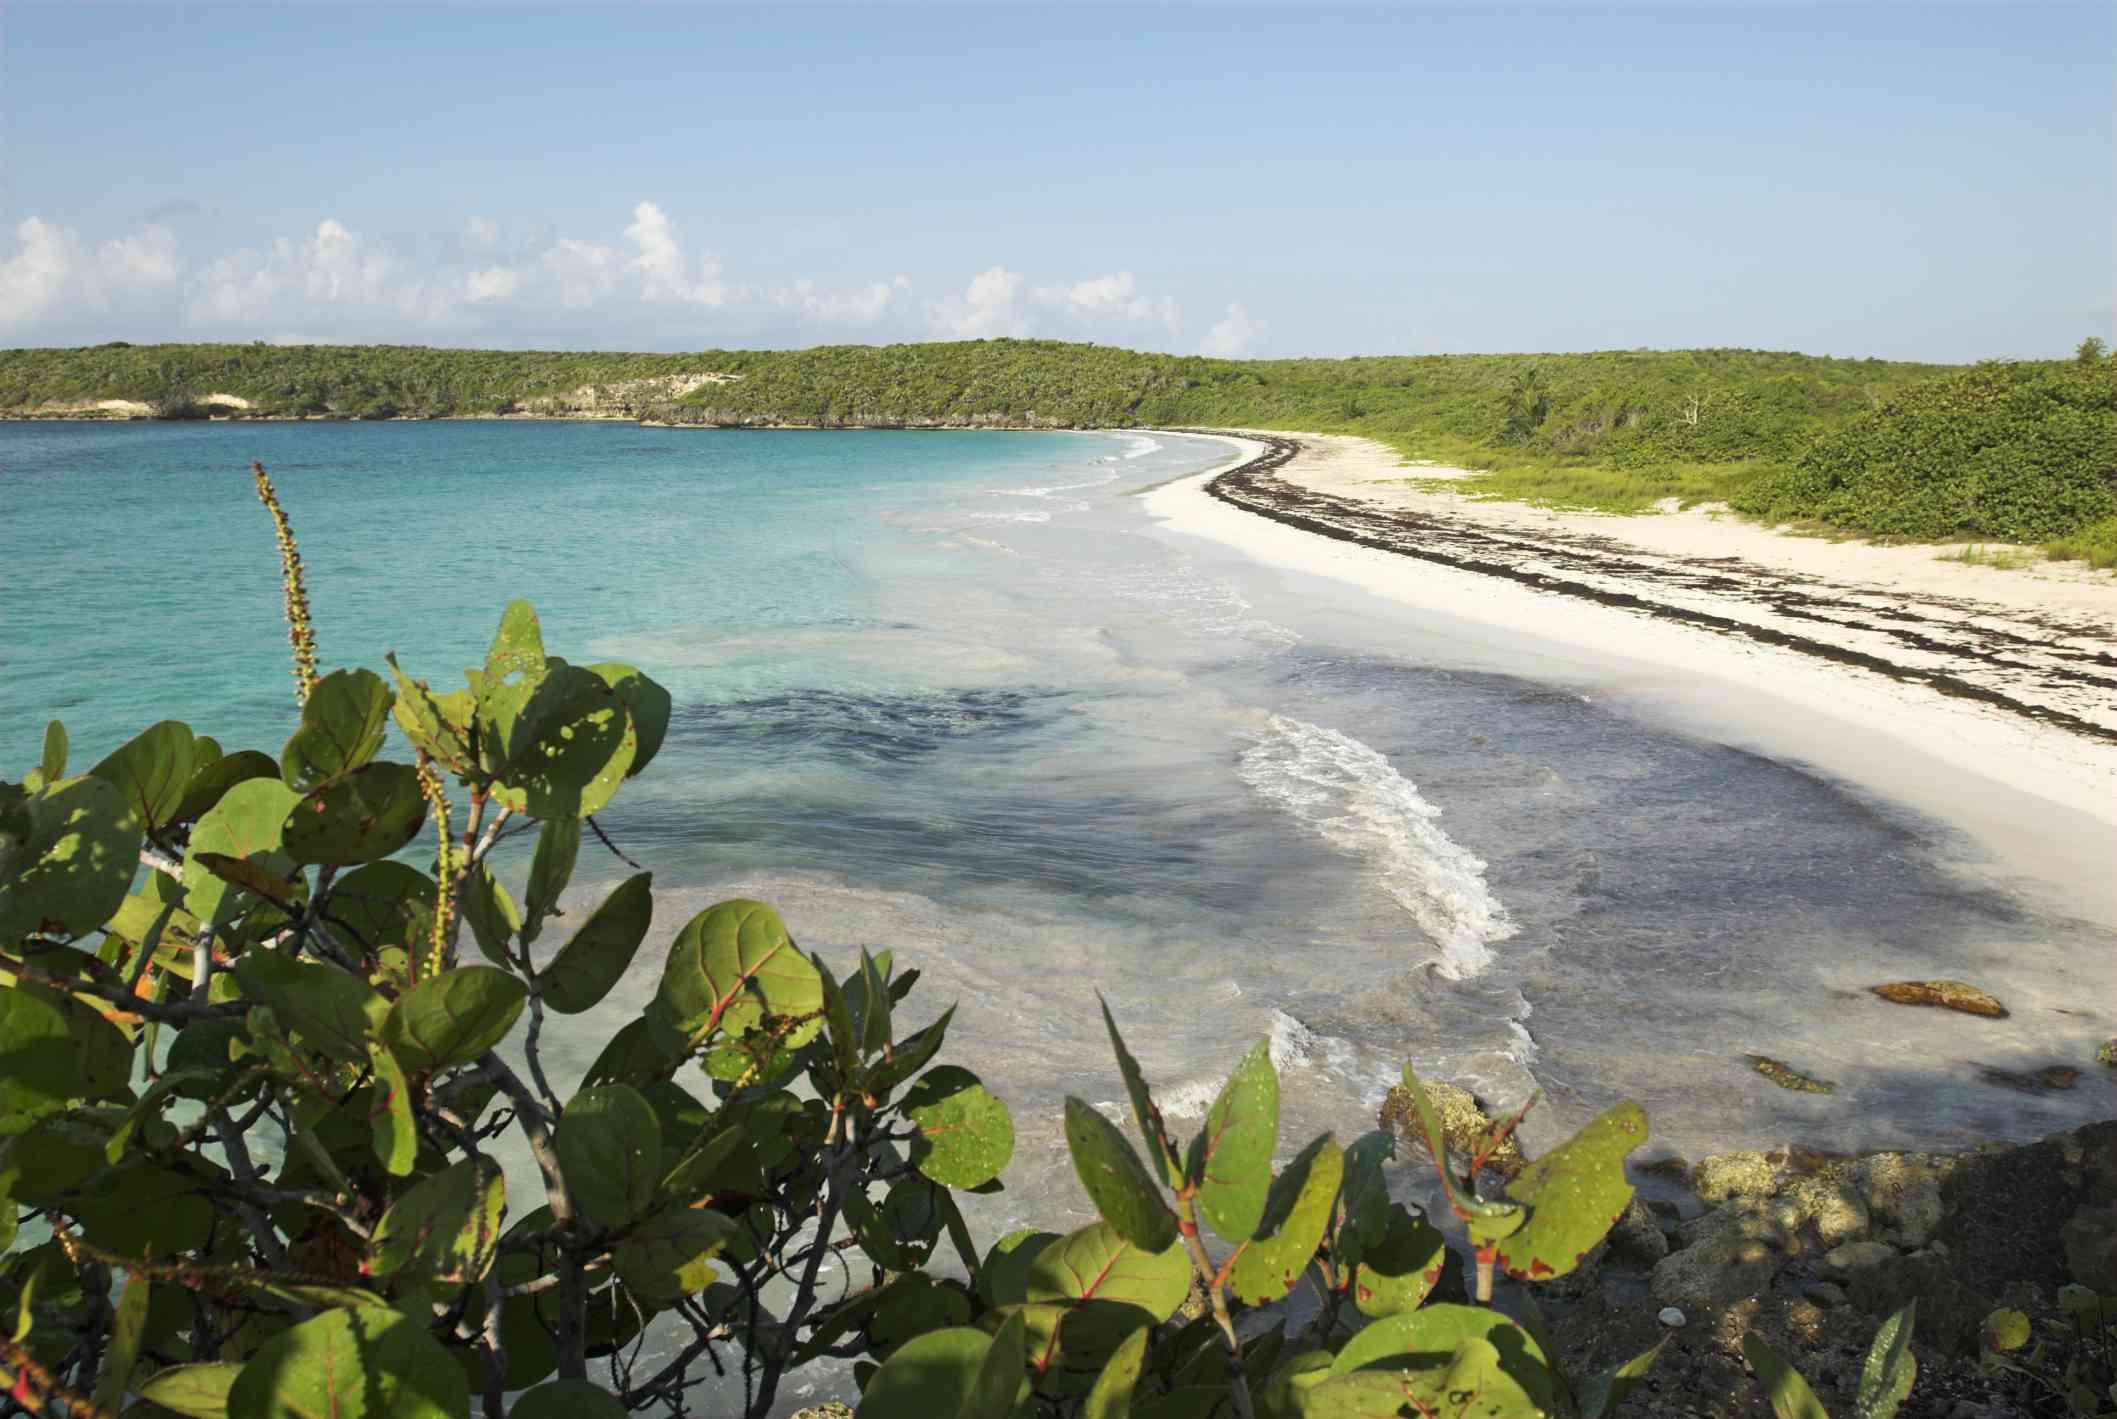 Garcia Beach, Vieques Island, Puerto Rico